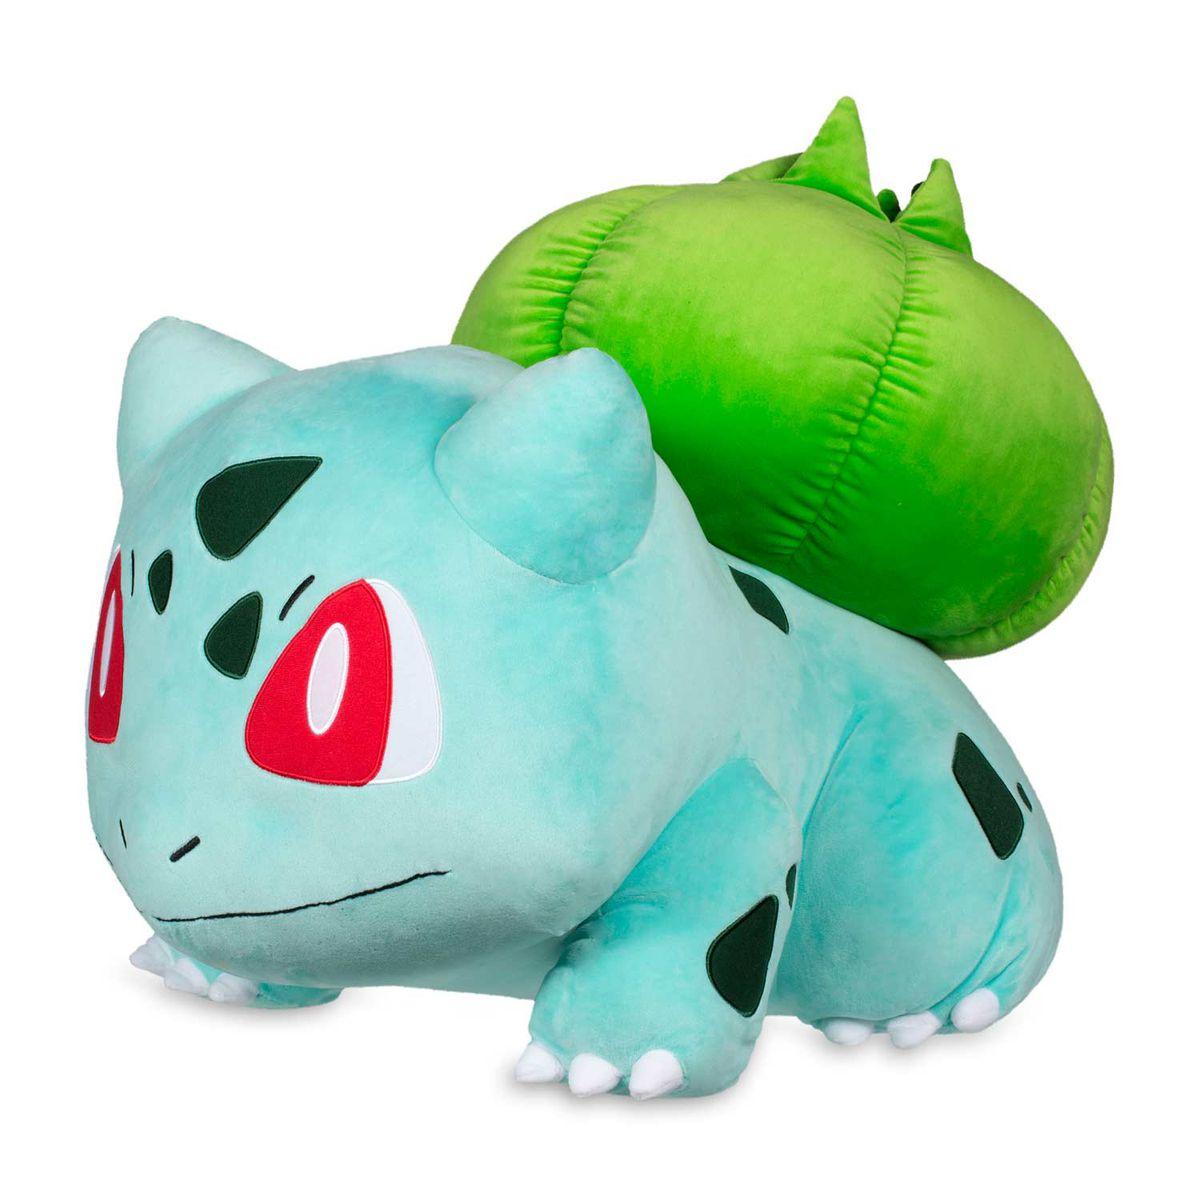 Jumbo Bulbasaur Pokémon plush